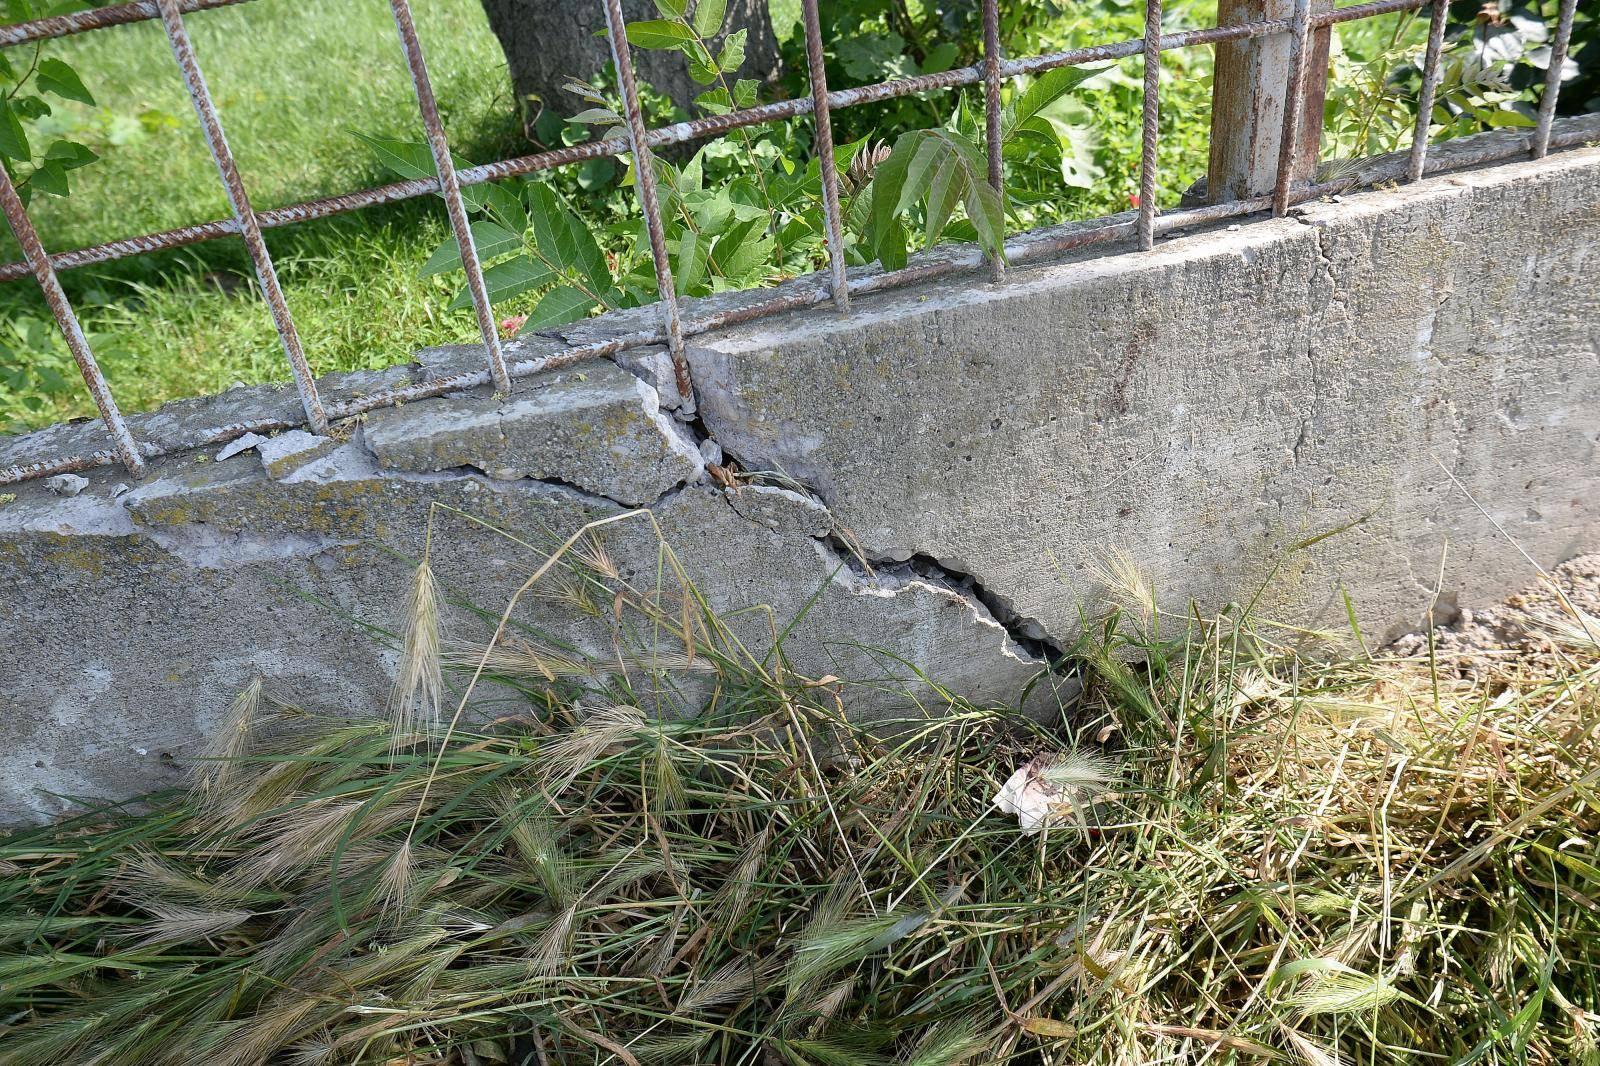 Drama u Kuršancu: 'Dvaput se zabio u nju i otkinuo joj noge'